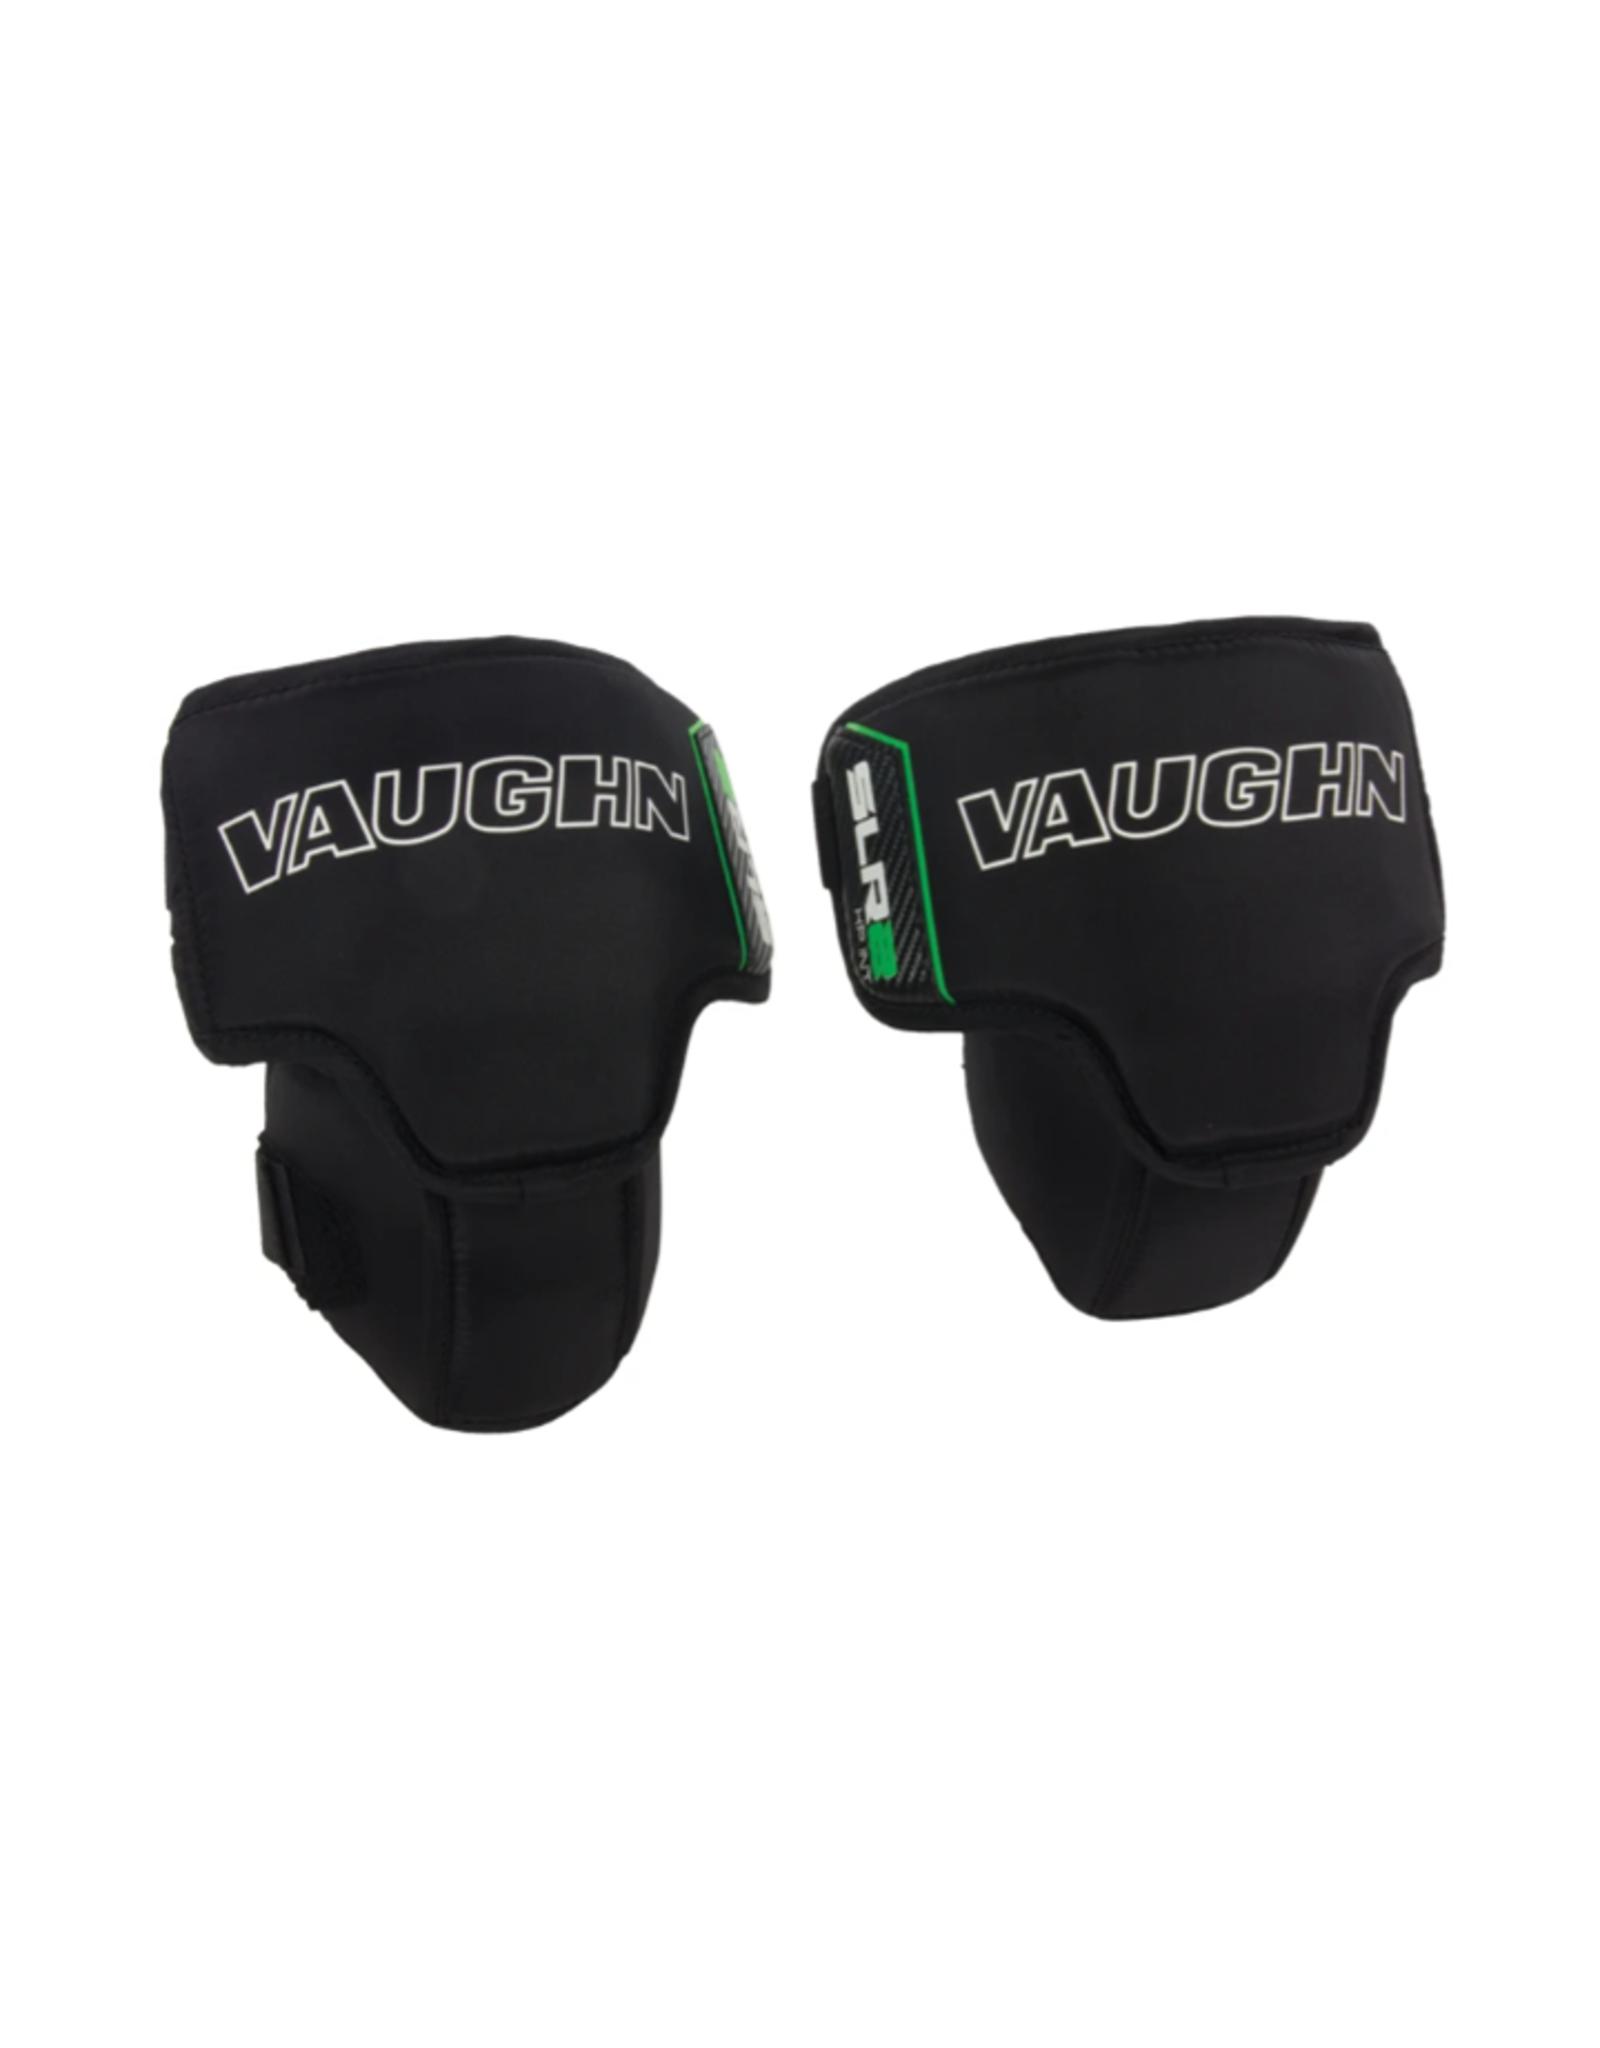 Vaughn SLR2 Senior Goalie Knee Guards